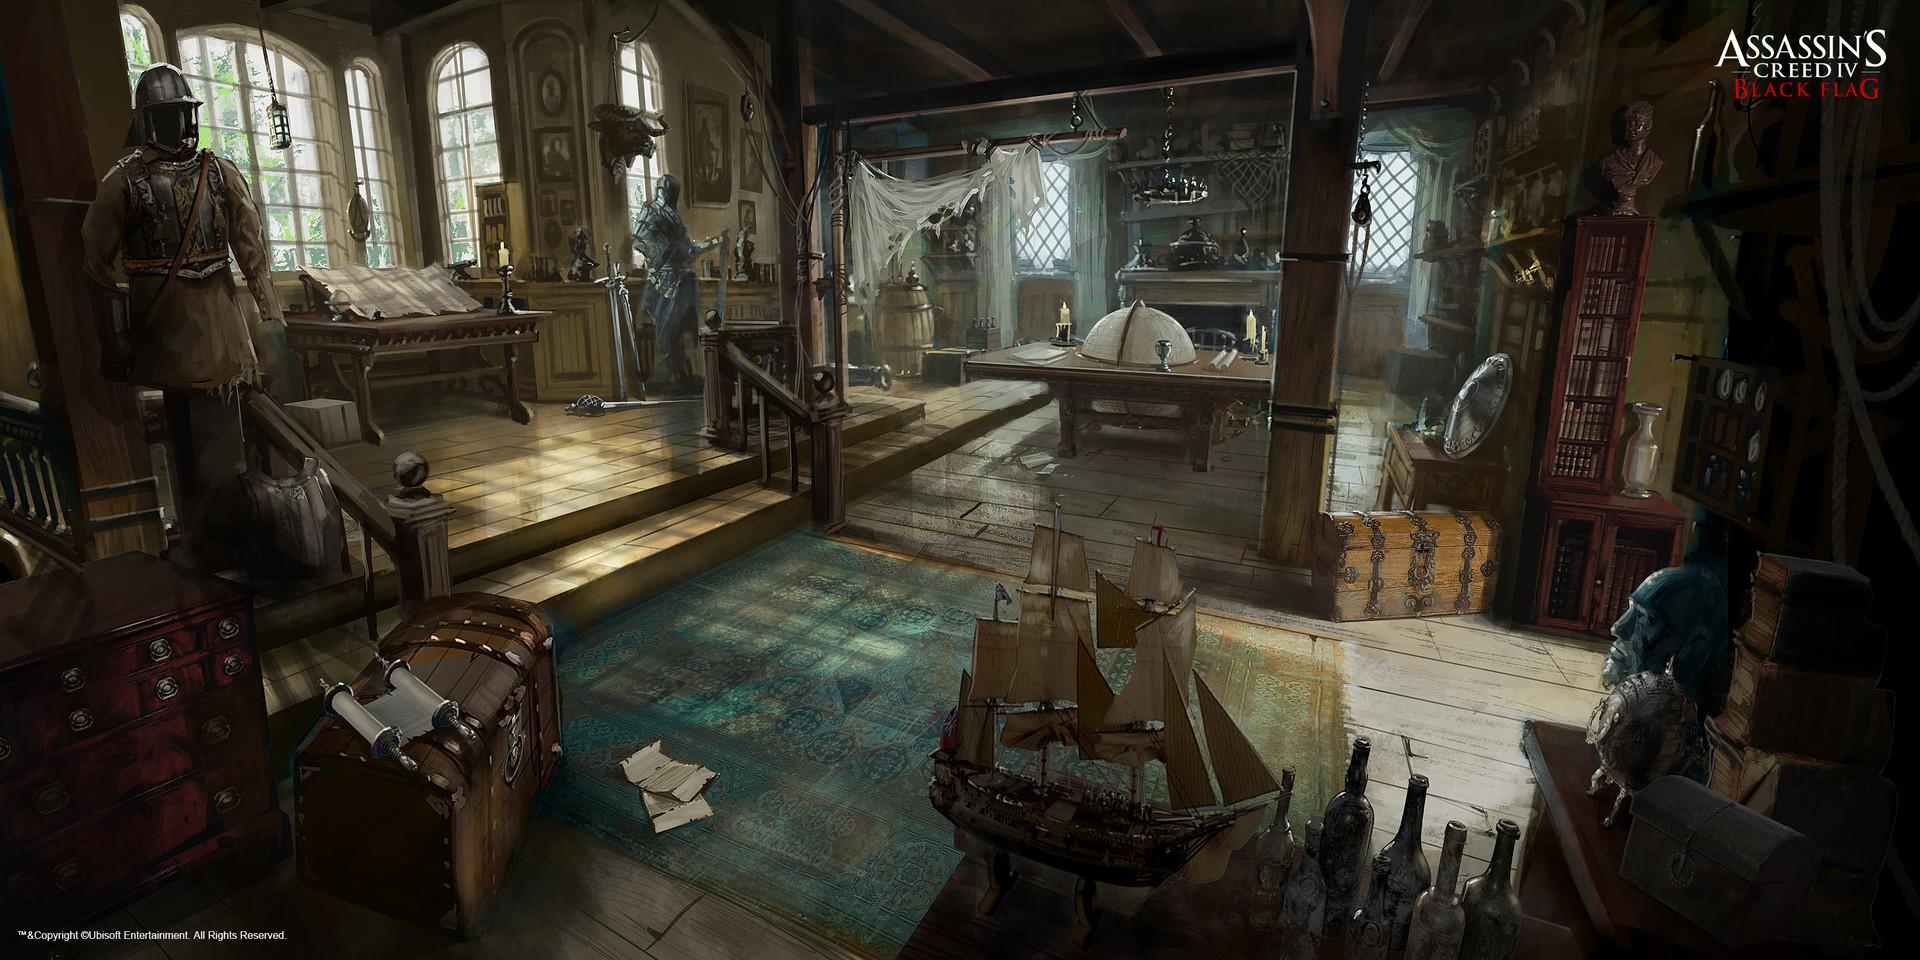 Assassin S Creed Iii Manor Kitchen